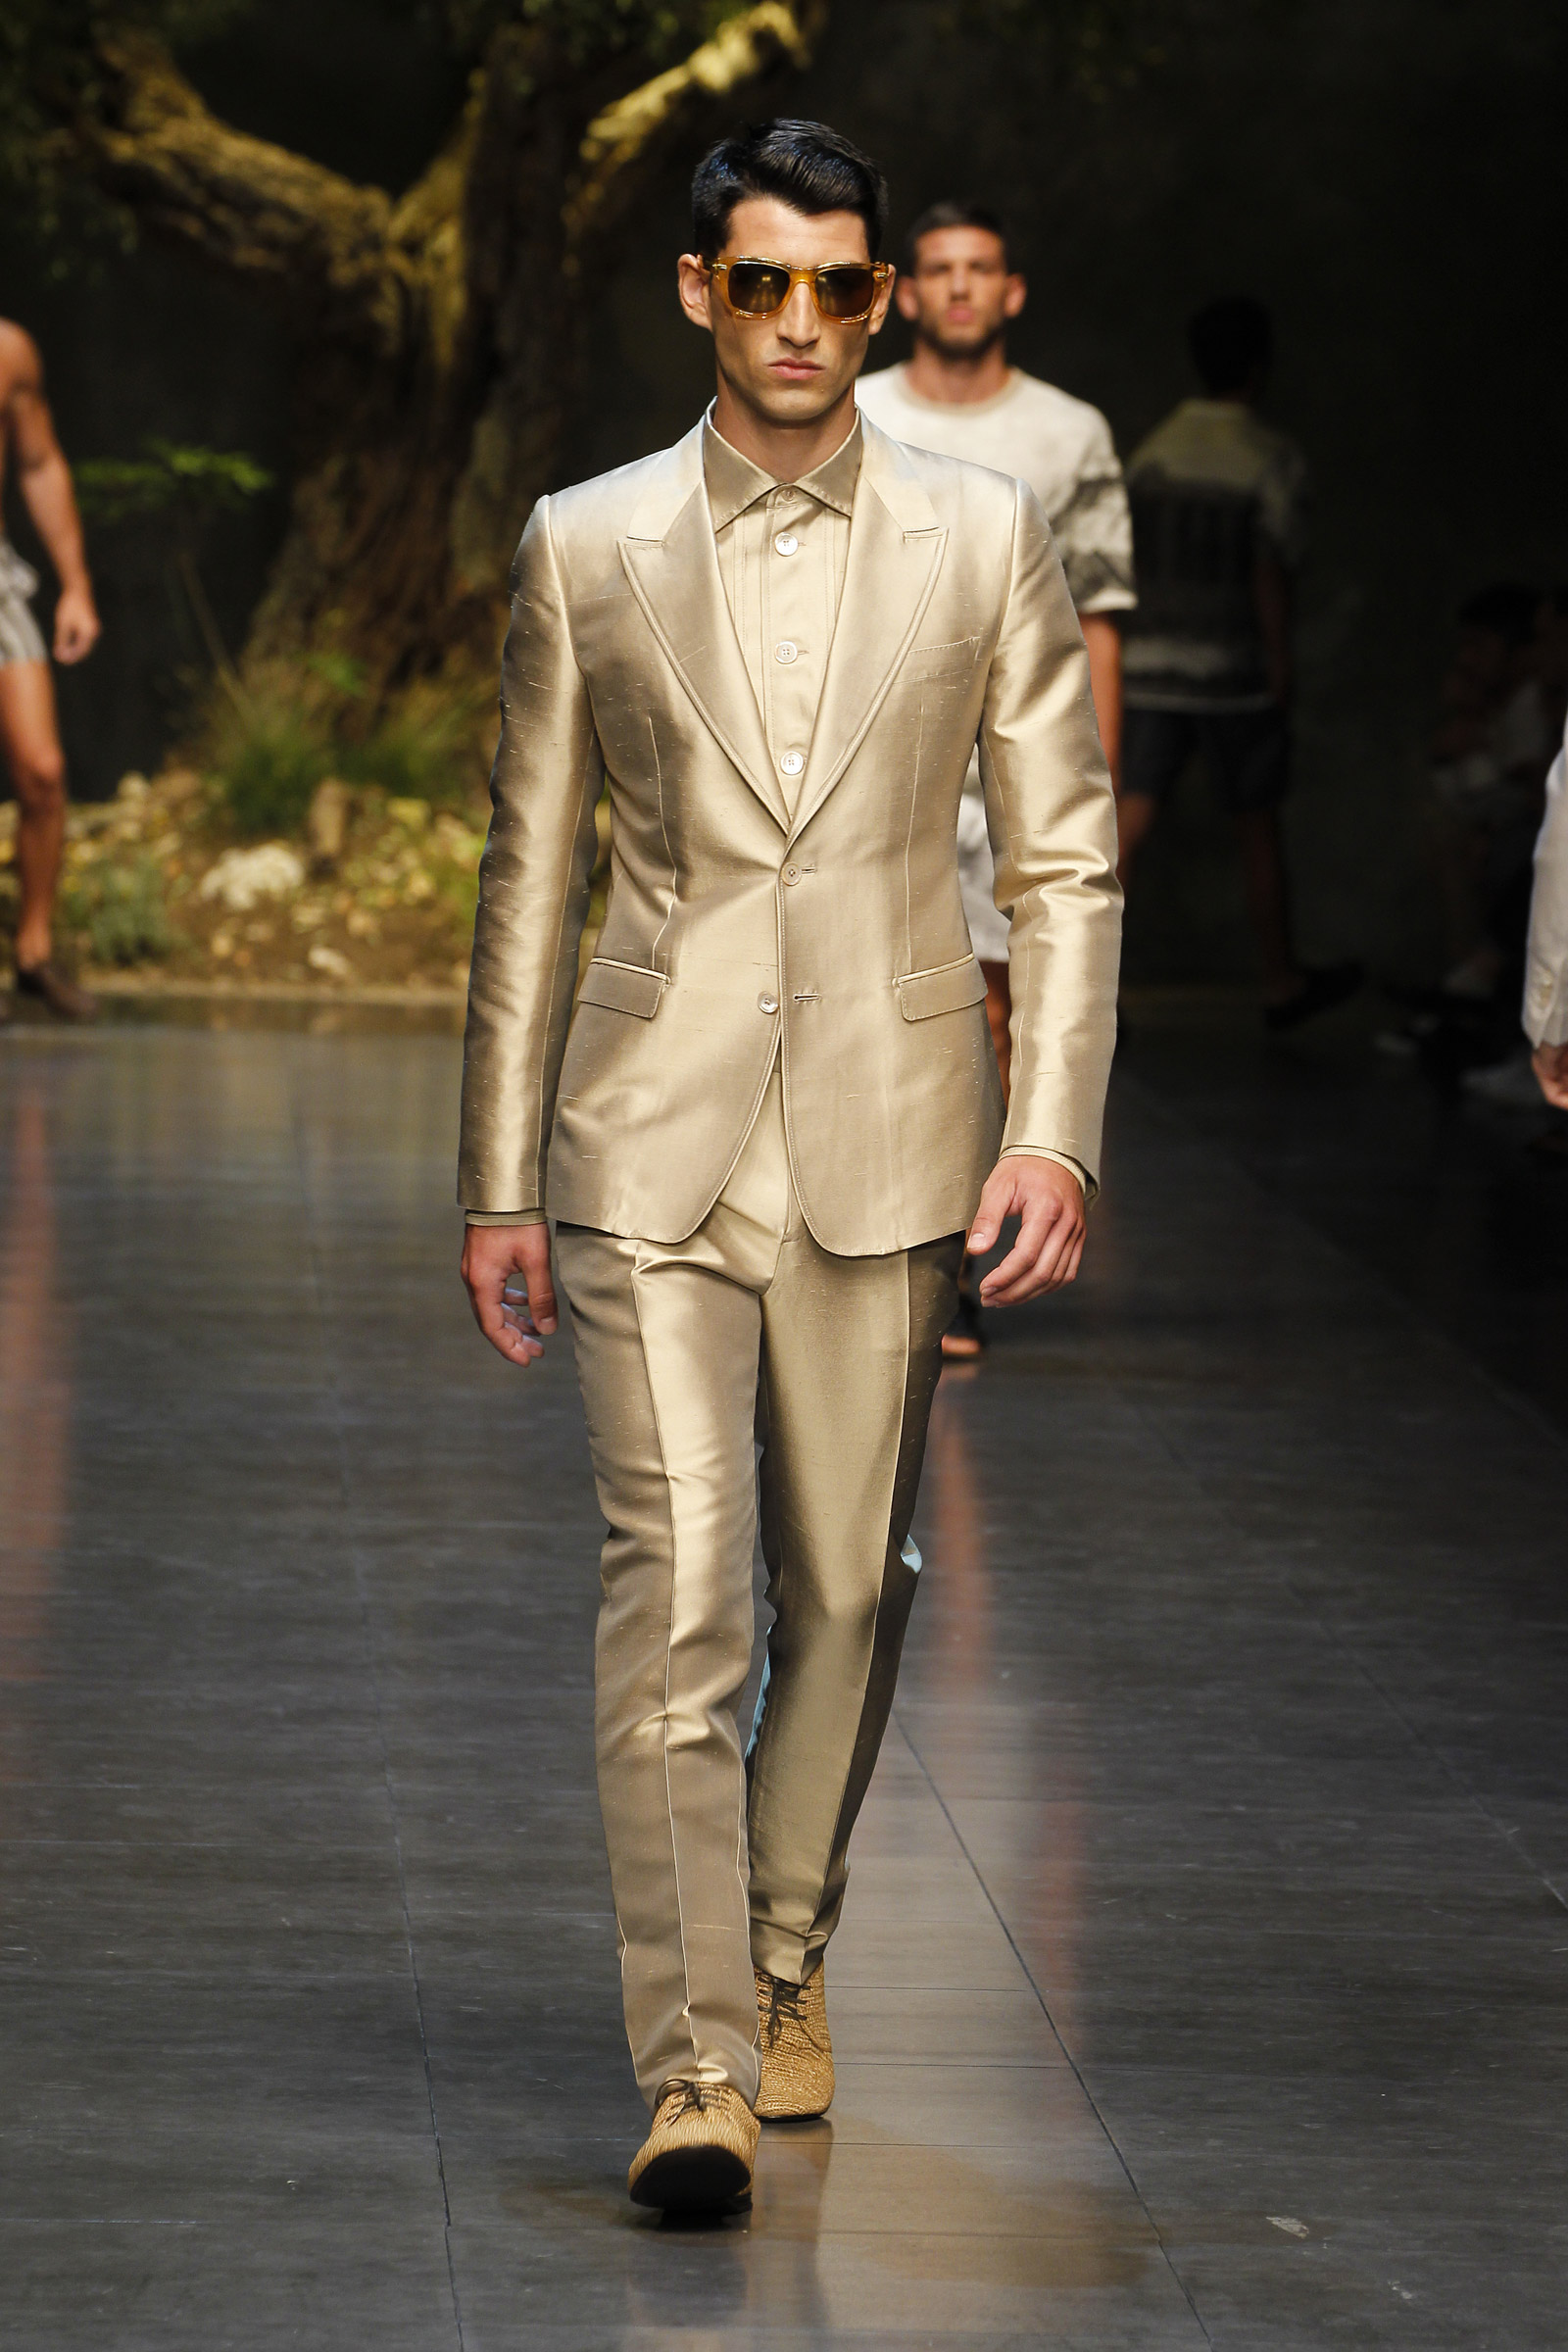 Dolce And Gabbana Dresses Google Search: Dolce & Gabbana Summer 2014 Men's Fashion Show